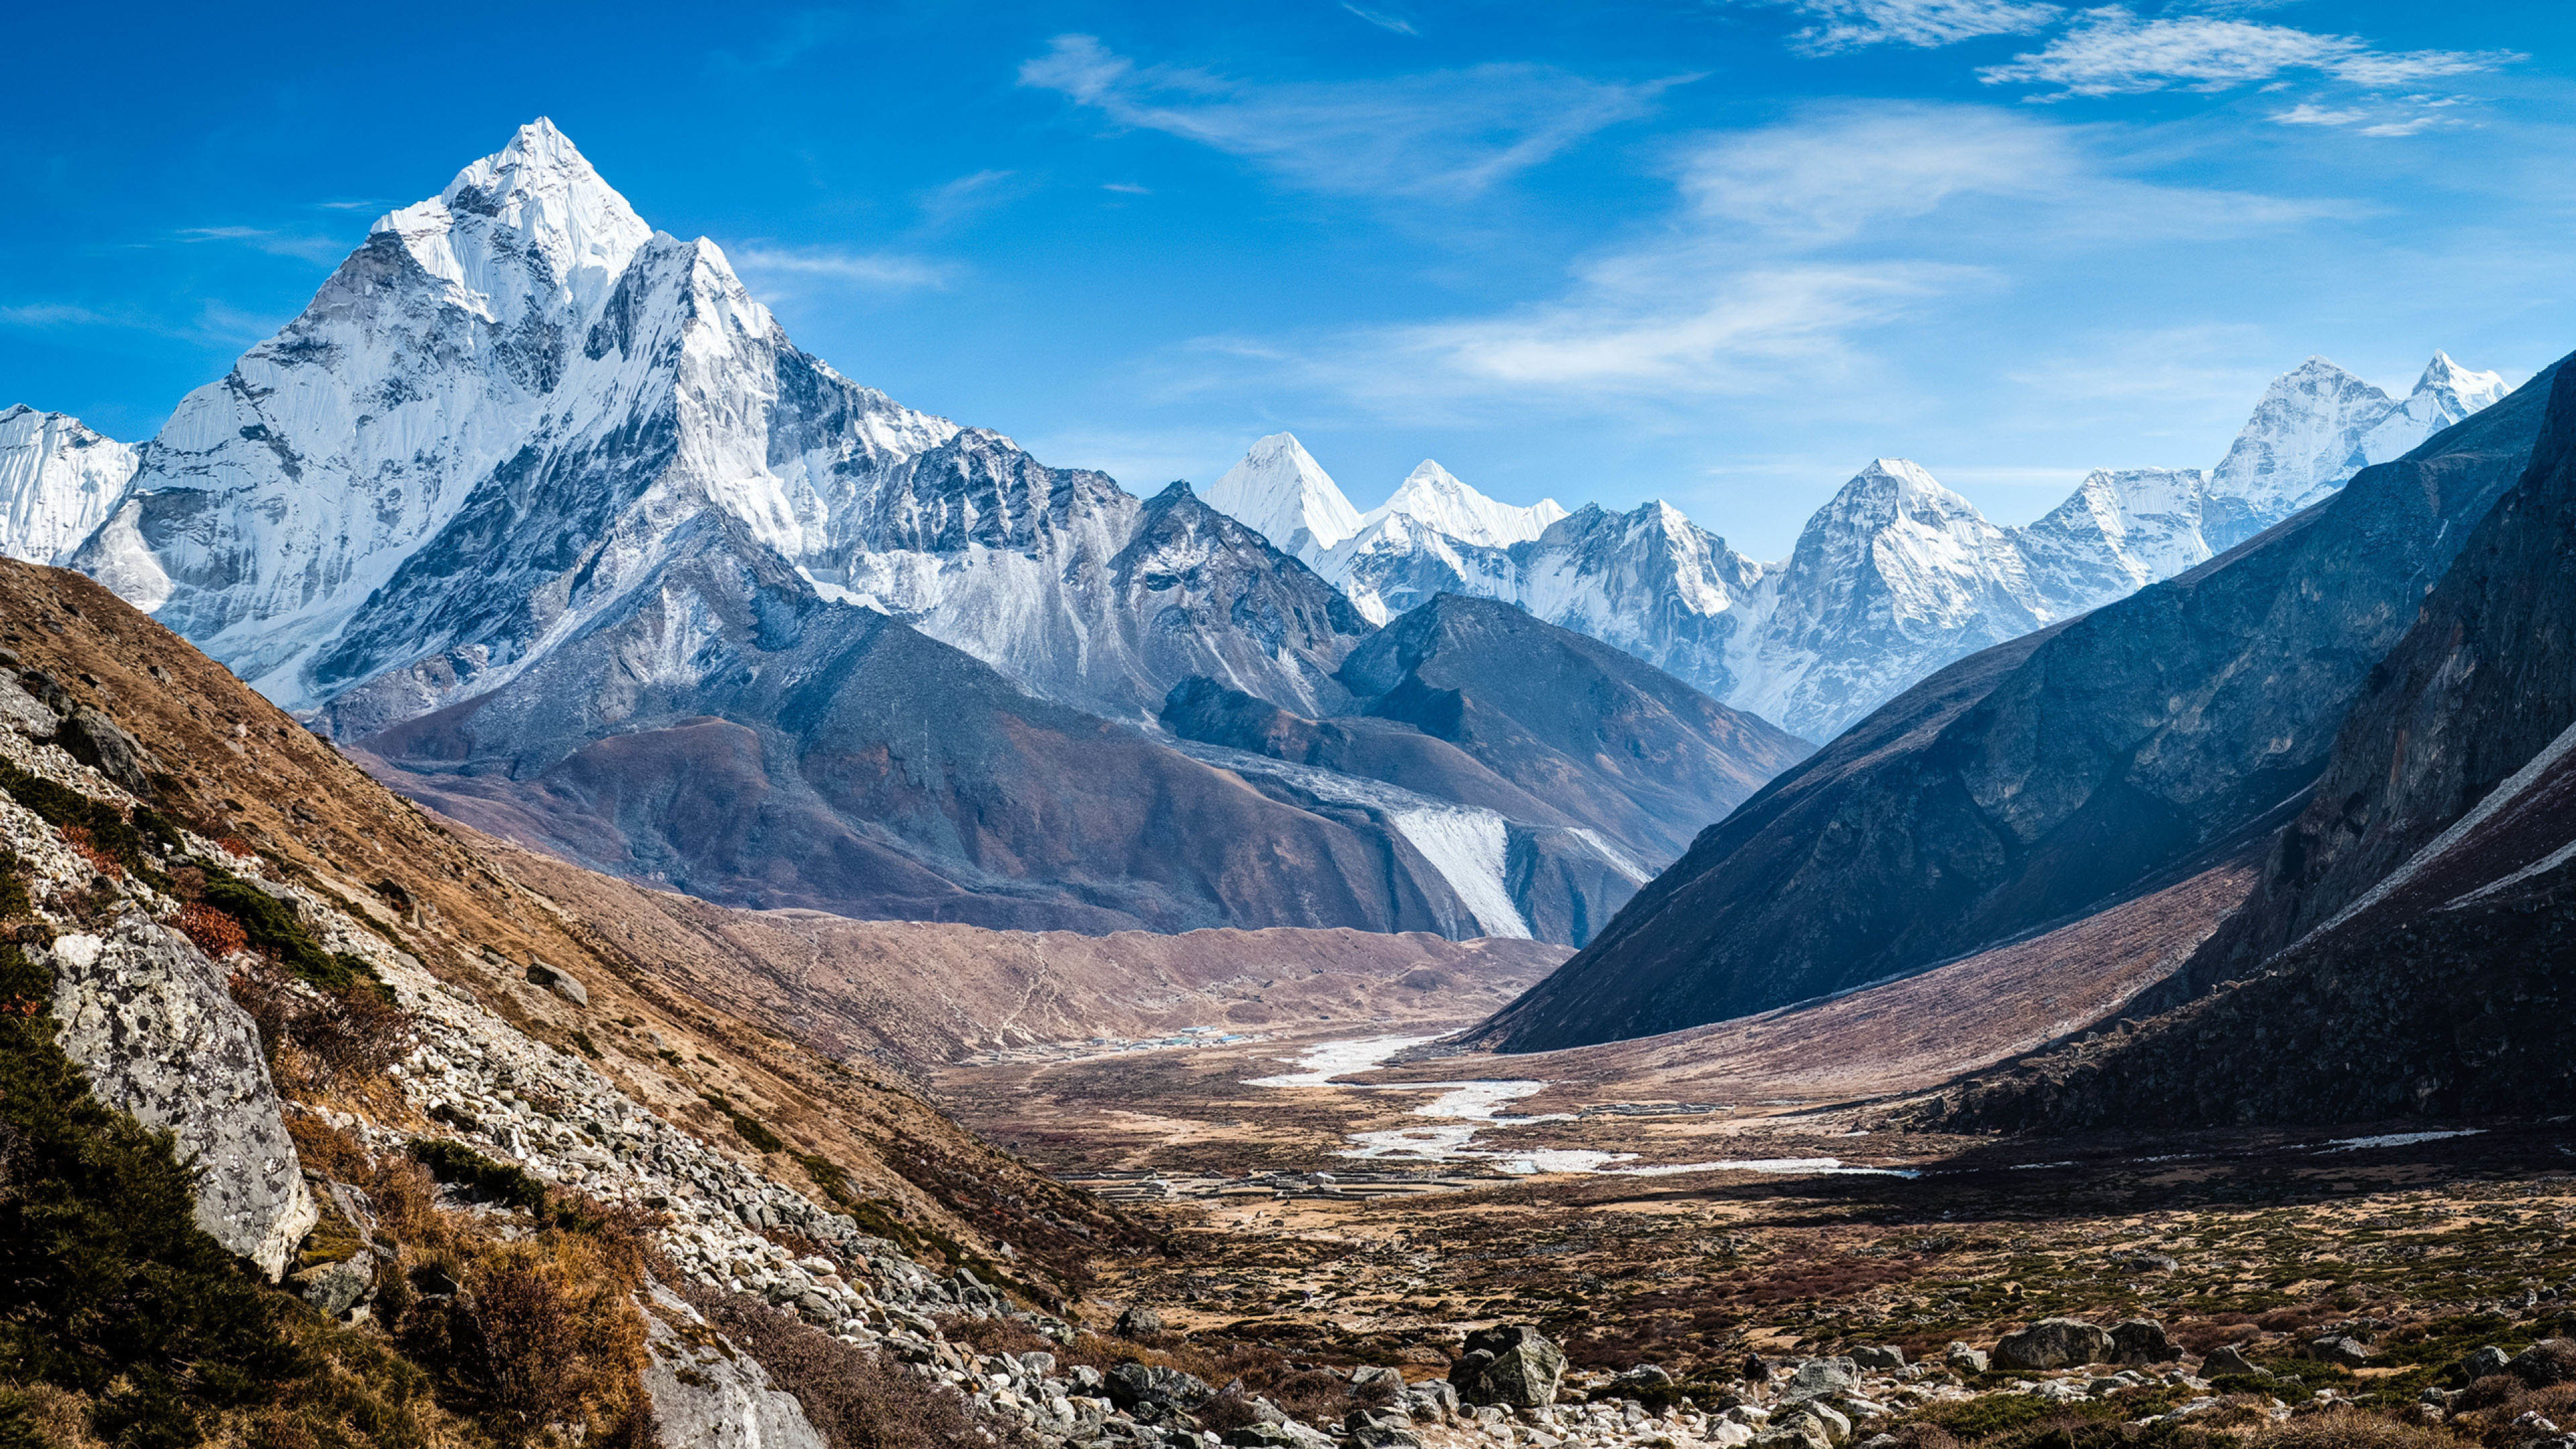 Beautiful Snowy Mountain Landscape wallpaper